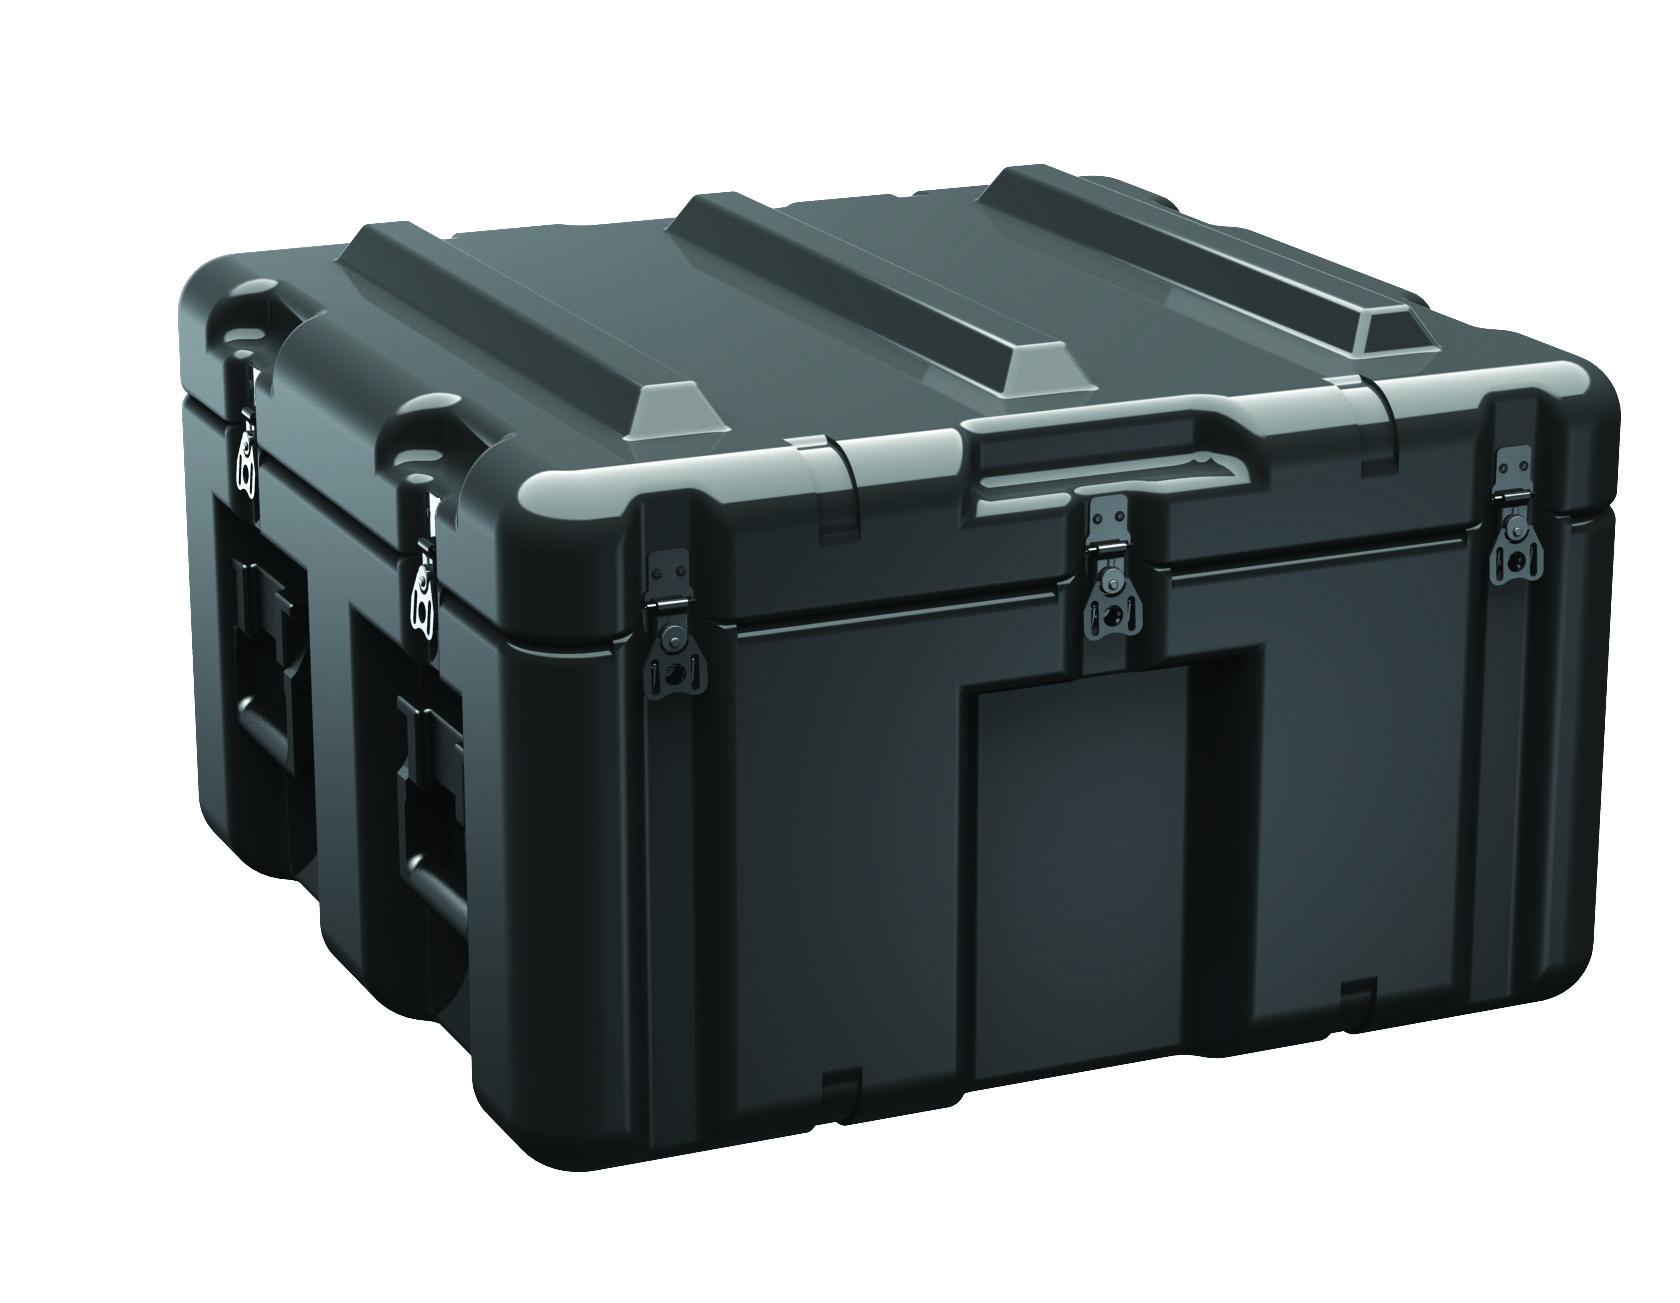 AL2423-1103 - AL2423-1103 Single Lid Case Cases TSA